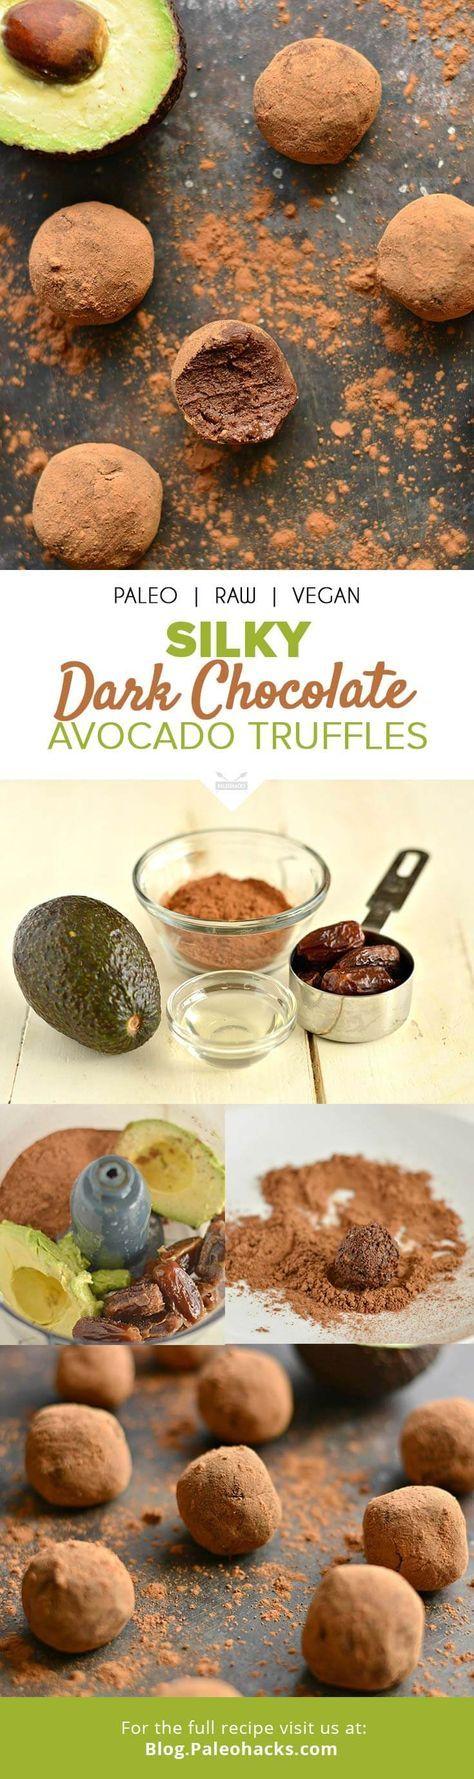 chocolate truffles - Kokos Mehl durch anderes nuss ehrlich ersetzen, kakao evtl weg lassen und etwas Zimt oder vanille dazu